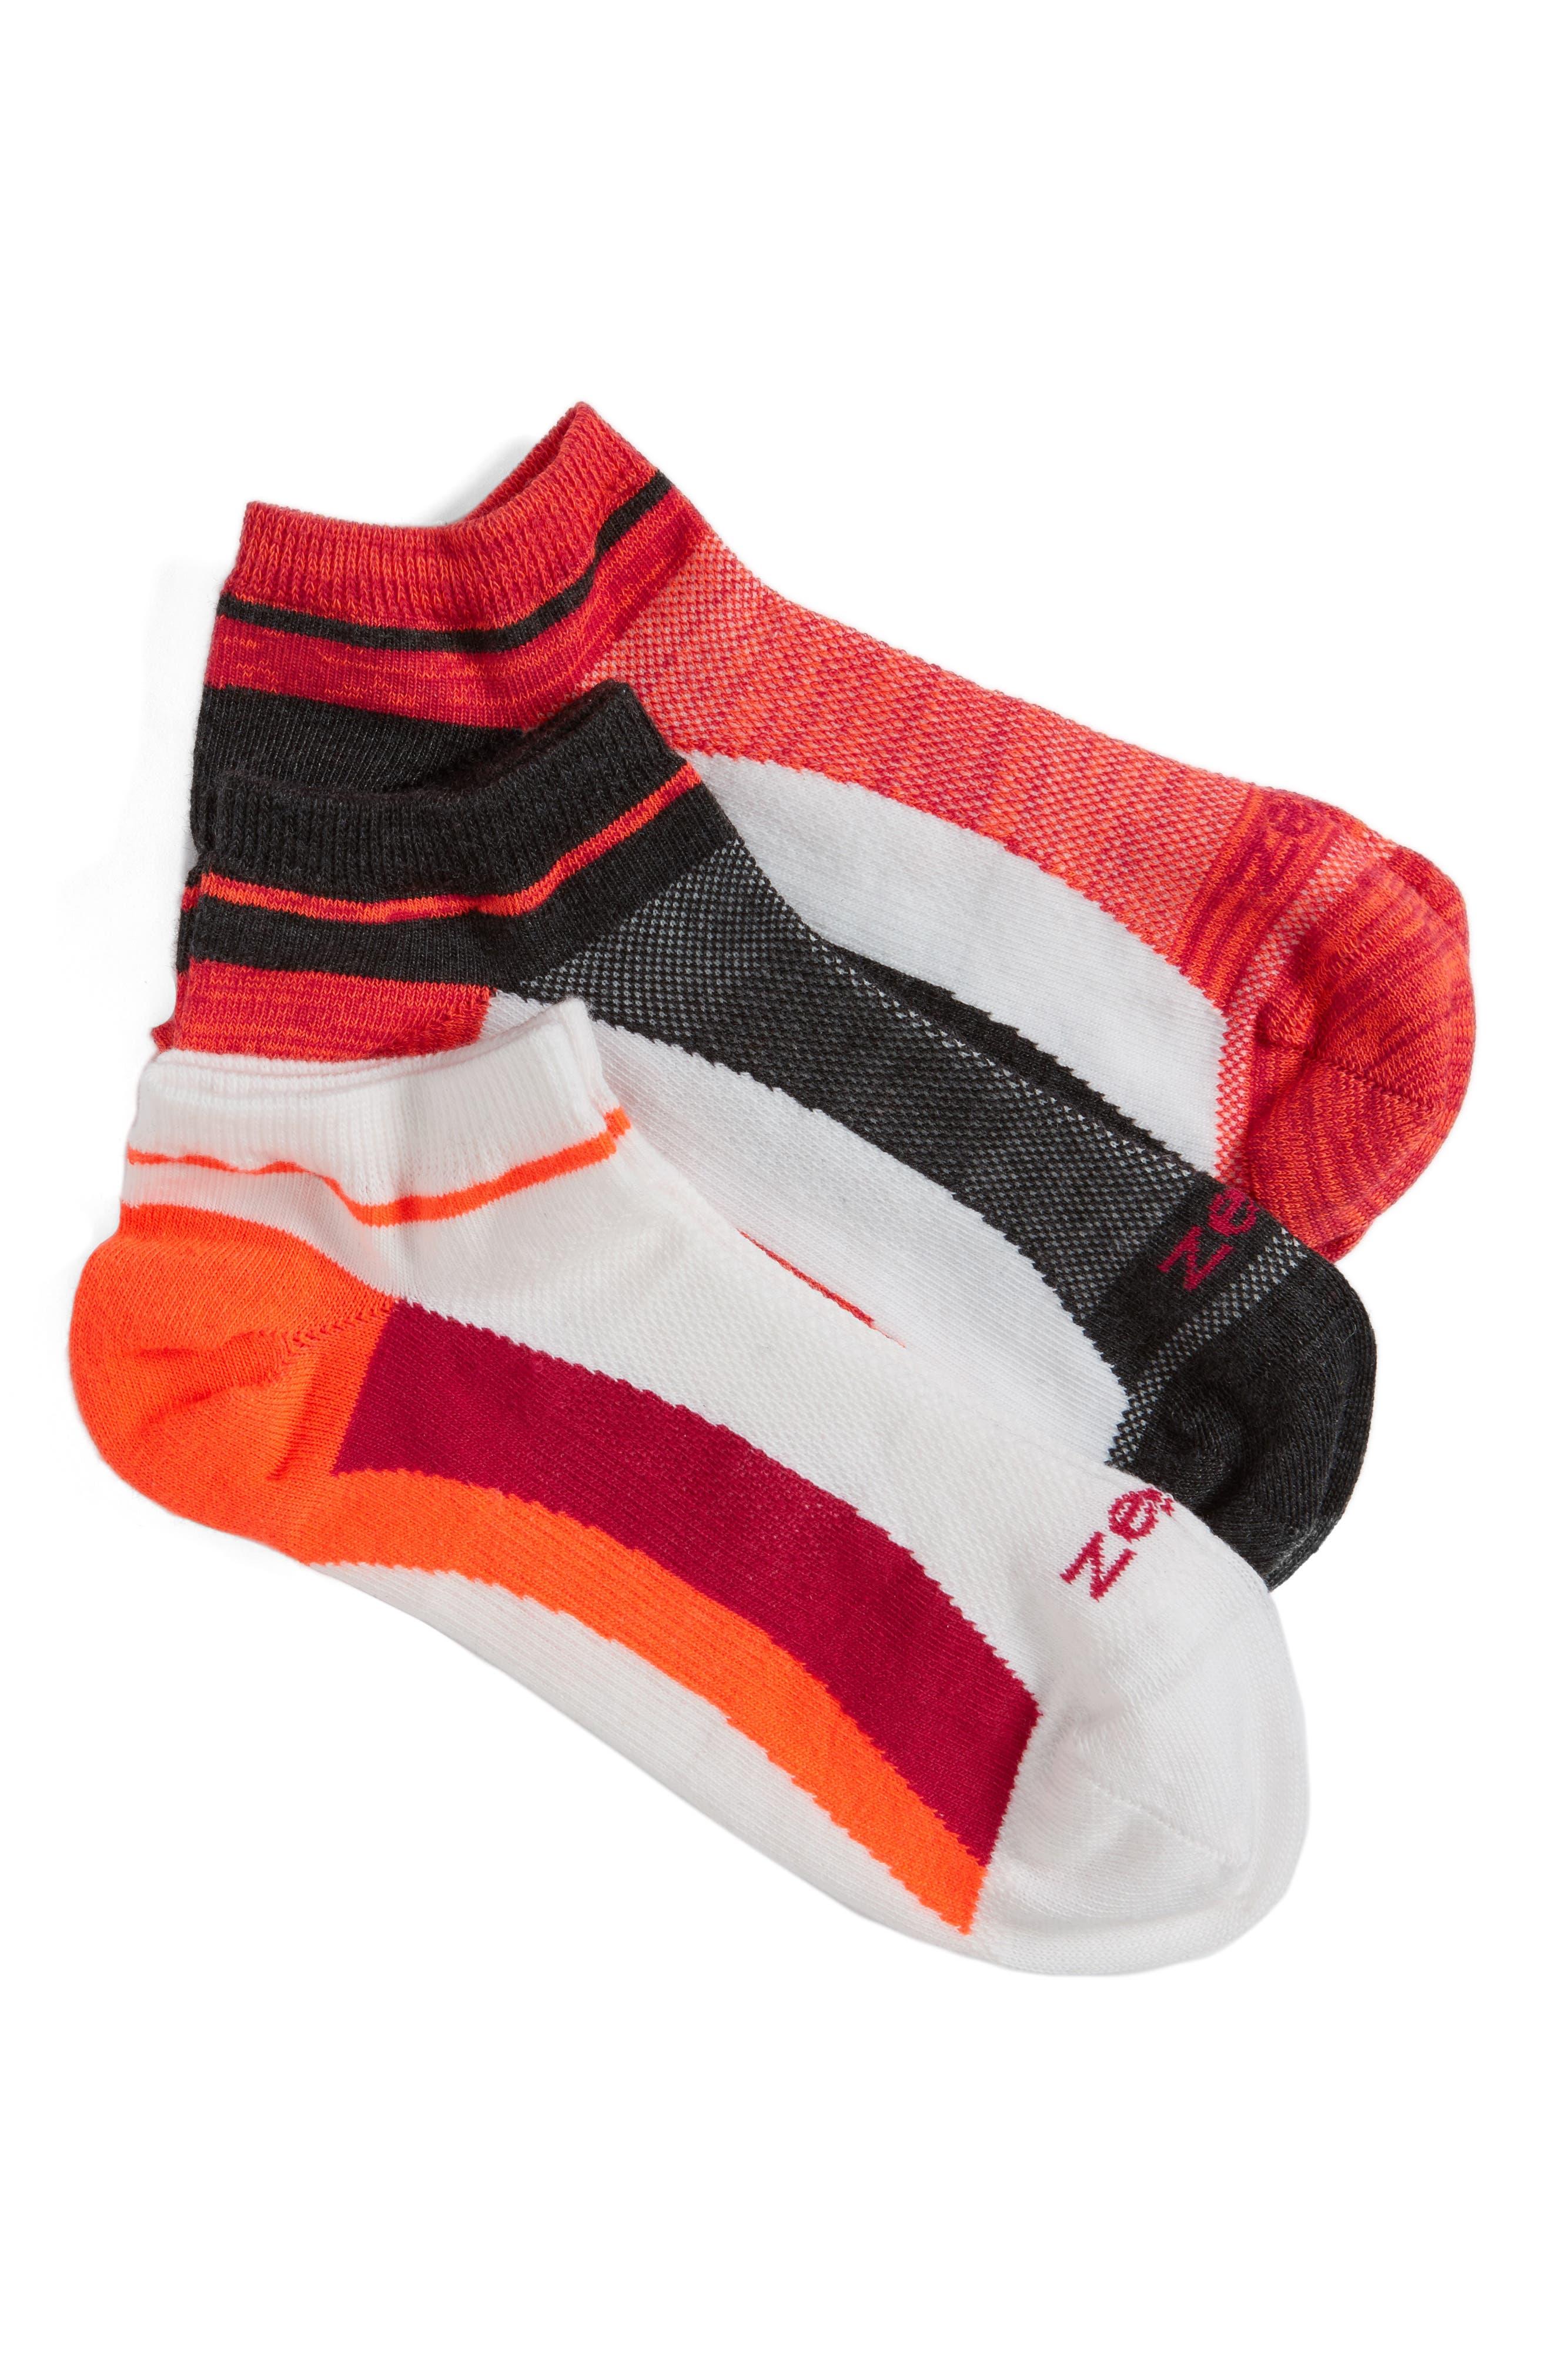 Main Image - Zella Fitness 3-Pack Liner Socks